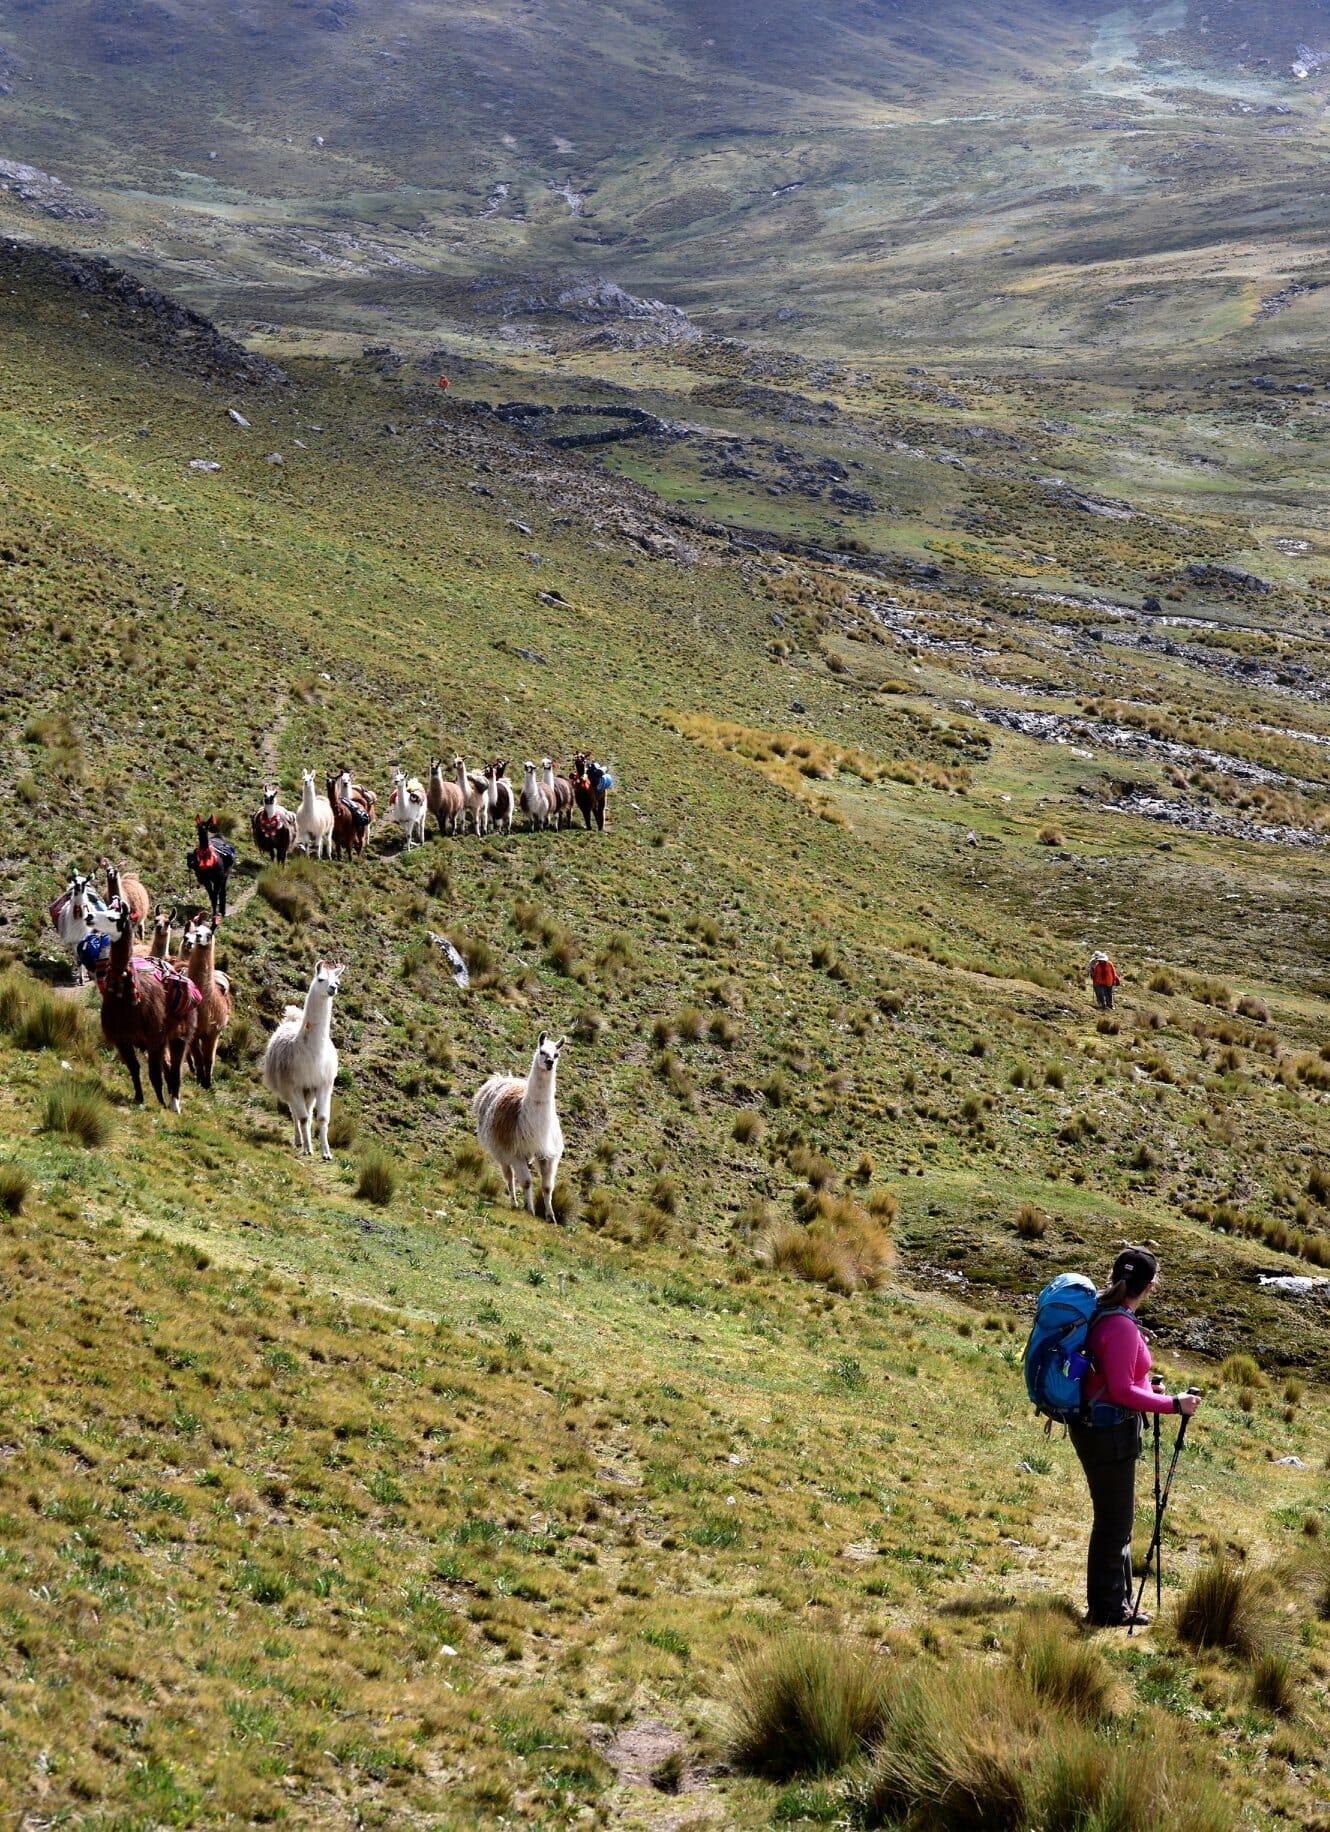 randonnée avec des lamas dans la vallée sacrée avec Lama Pack